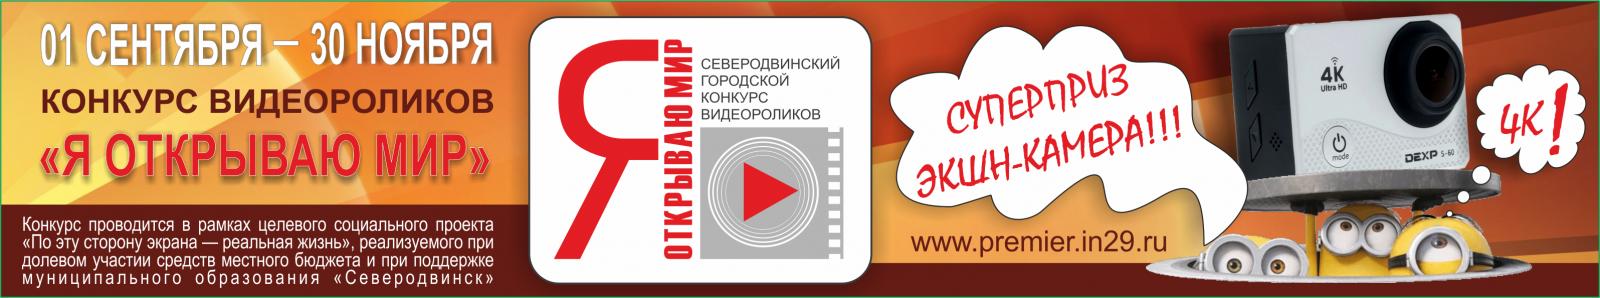 Конкурс видеороликов Я открываю Мир Северодвинск